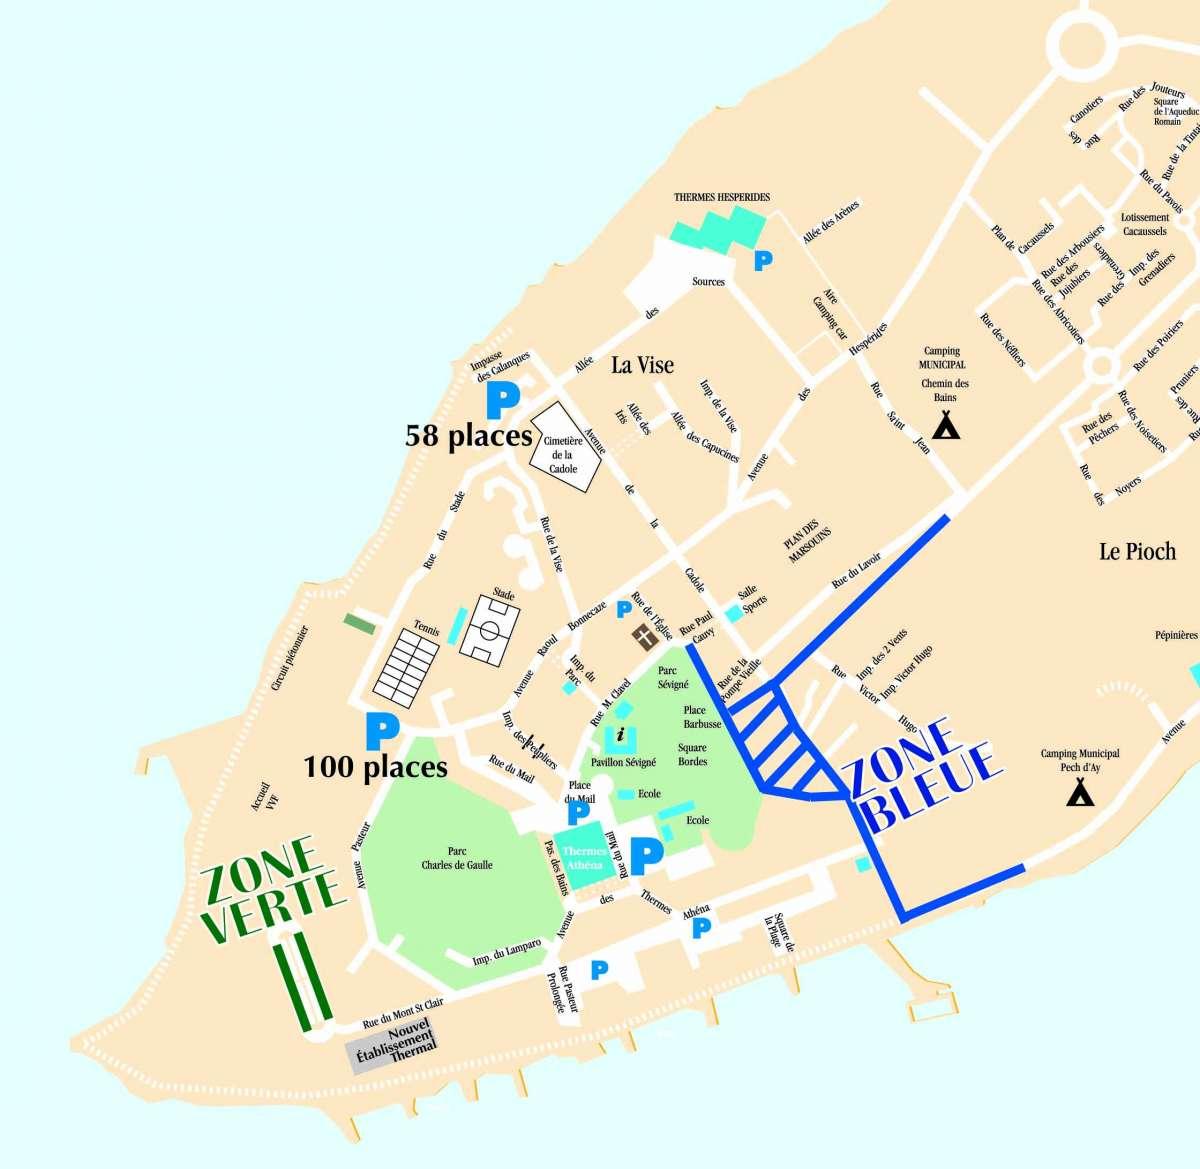 Zone de stationnement r glement es - Balaruc les bains office du tourisme ...